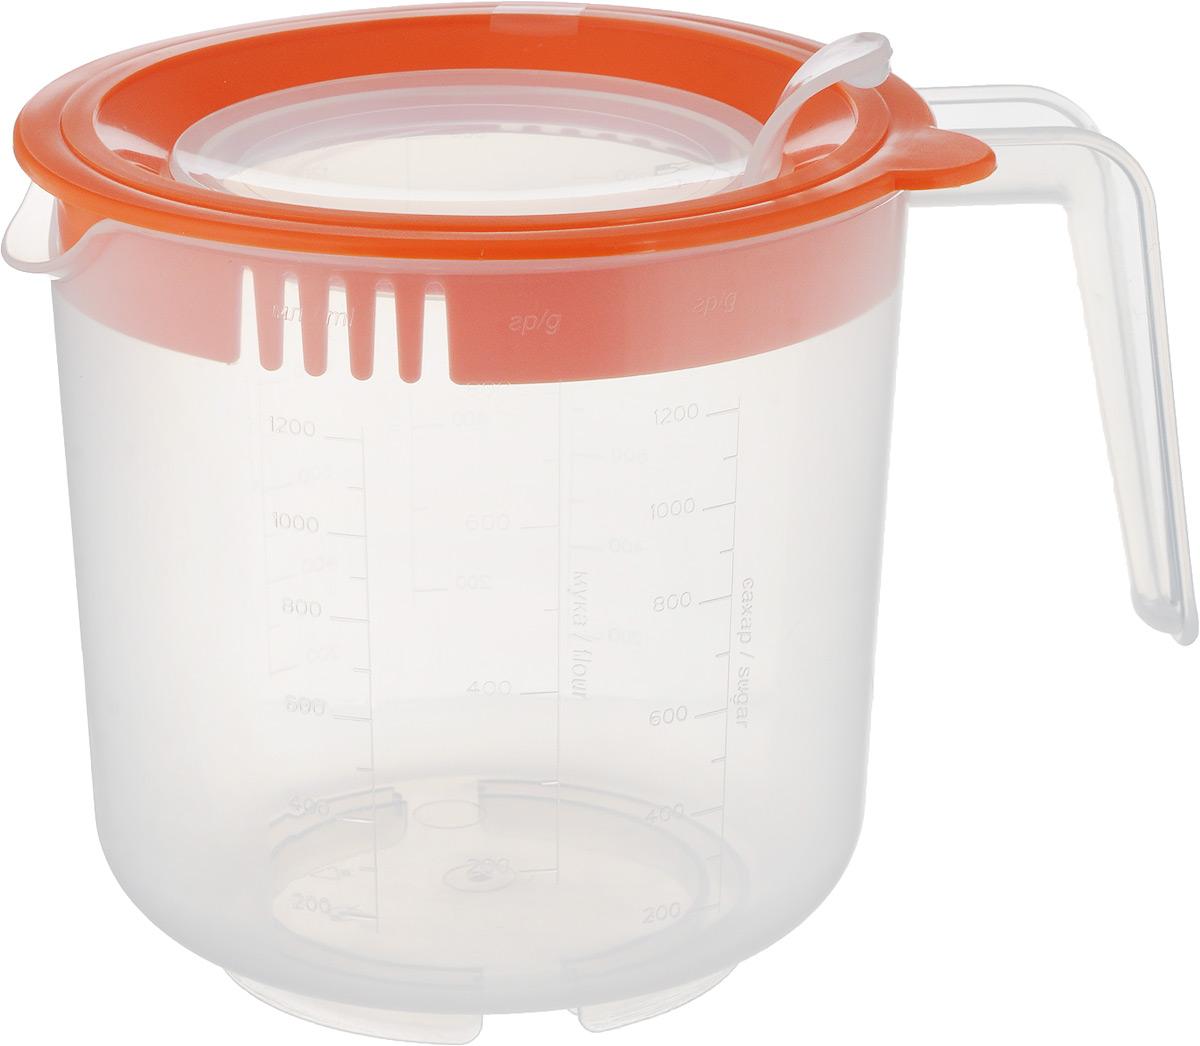 Емкость мерная для взбивания Oursson, цвет: прозрачный, оранжевый, 1,5 лJA1500P/ORМерная емкость Oursson изготовлена из высококачественного плотного пластика и является многофункциональным кухонным приспособлением. С ее помощью можно не только измерять объем помещаемых в нее жидкостей, но и смешивать их, а так же долго сохранять приготовленные соки, пюре, коктейли. Жесткое основание придает емкости дополнительную устойчивость. В емкости можно перемешивать и взбивать продукты при помощи погружного блендера или миксера. При этом бортики защищают от брызг пространство вокруг емкости. Широкое горлышко позволят без труда вымыть изделие. Можно мыть в посудомоечной машине. Диаметр емкости по верхнему краю (без учета носика и ручки): 14 см. Диаметр отверстия в крышке: 9 см. Высота емкости (с учетом крышки): 14 см. Объем: 1,5 л.